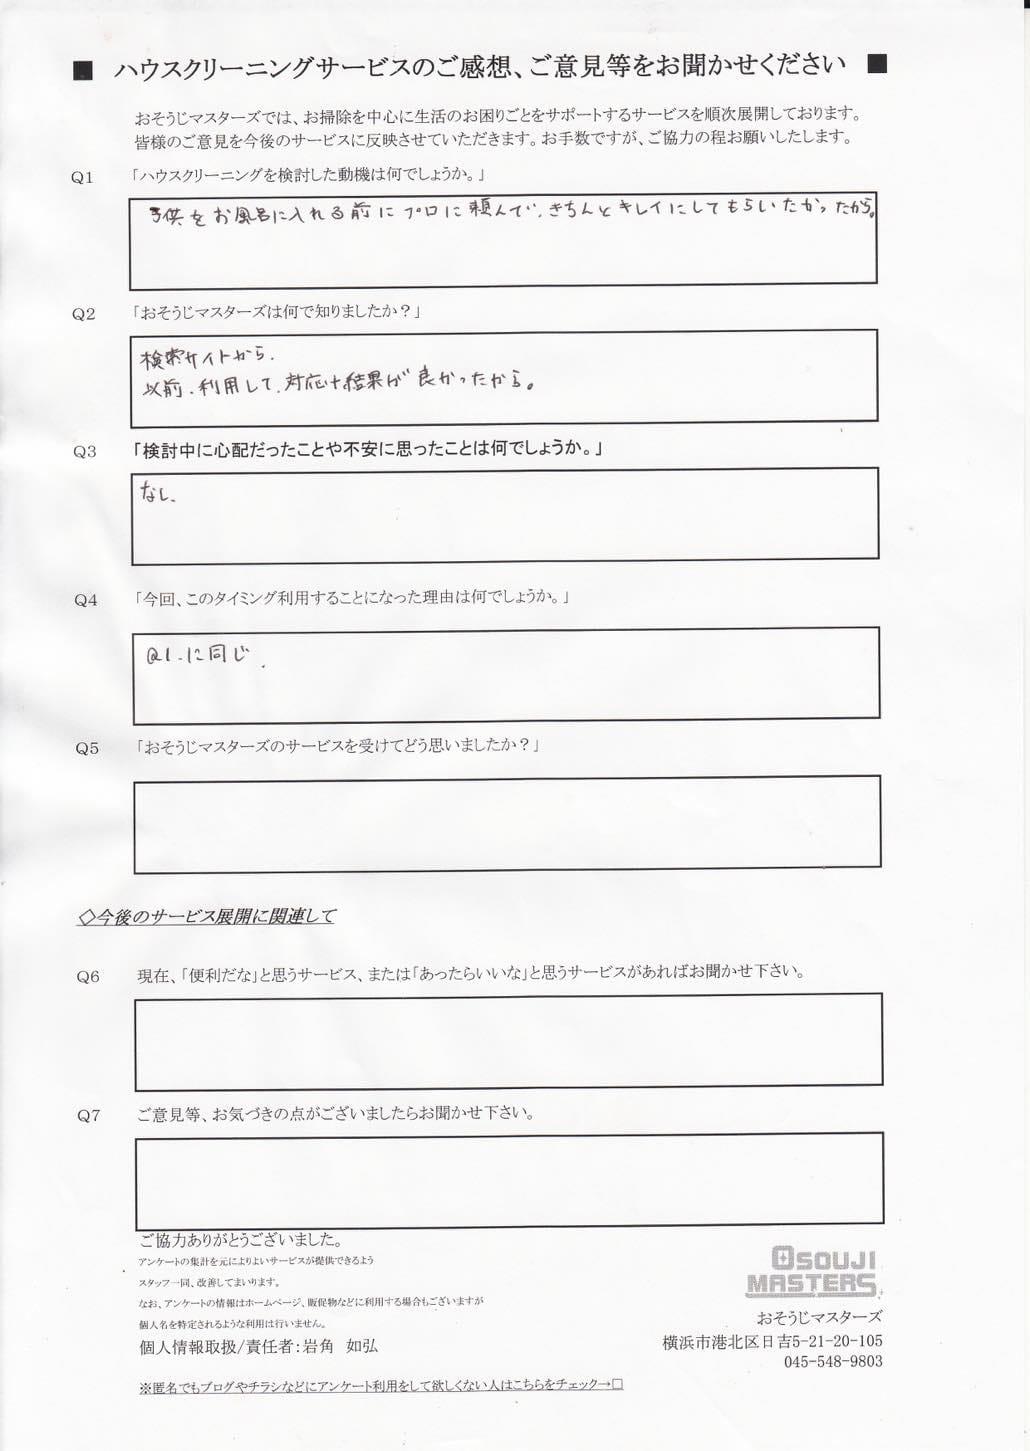 2015/07/23 浴室トイレクリーニング 横浜市港北区